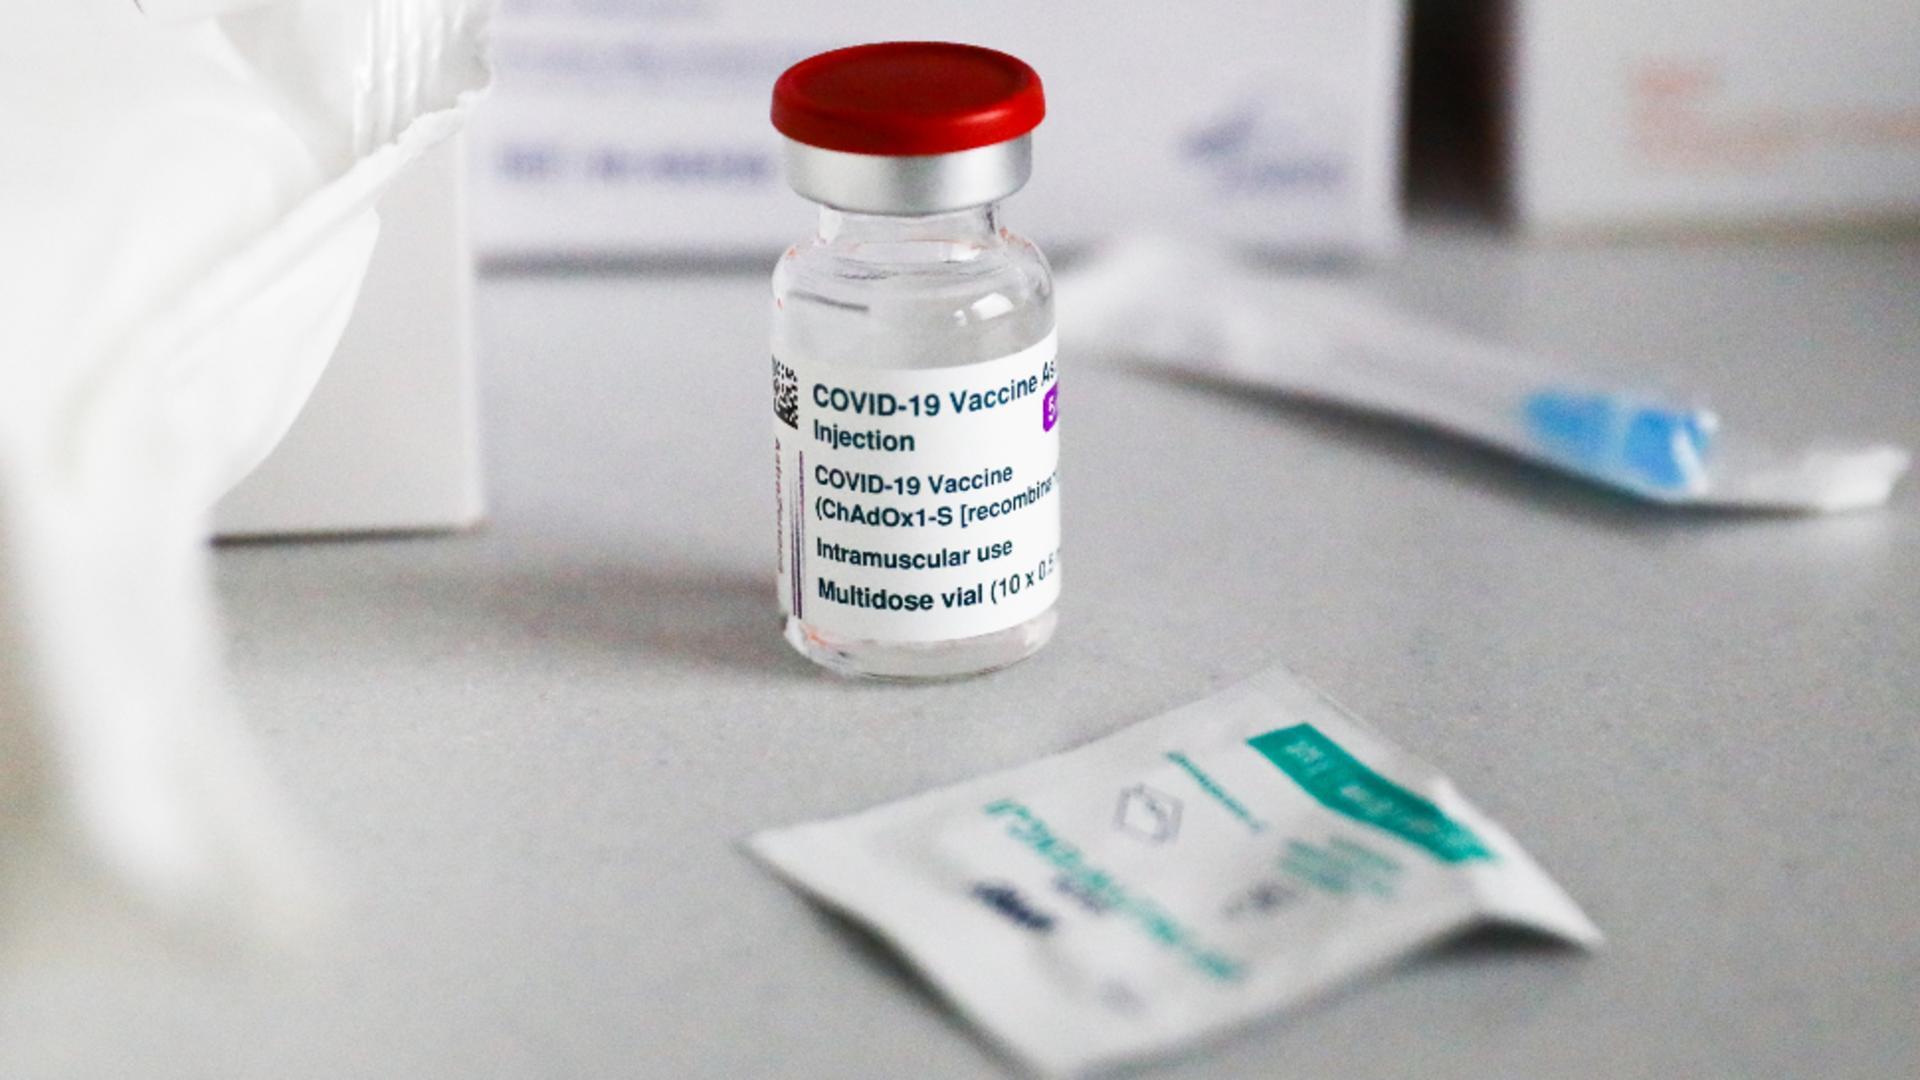 Suedia nu mai vaccinează la rapel cu AstraZeneca persoanele de peste 65 de ani. Foto/ProfiMedia